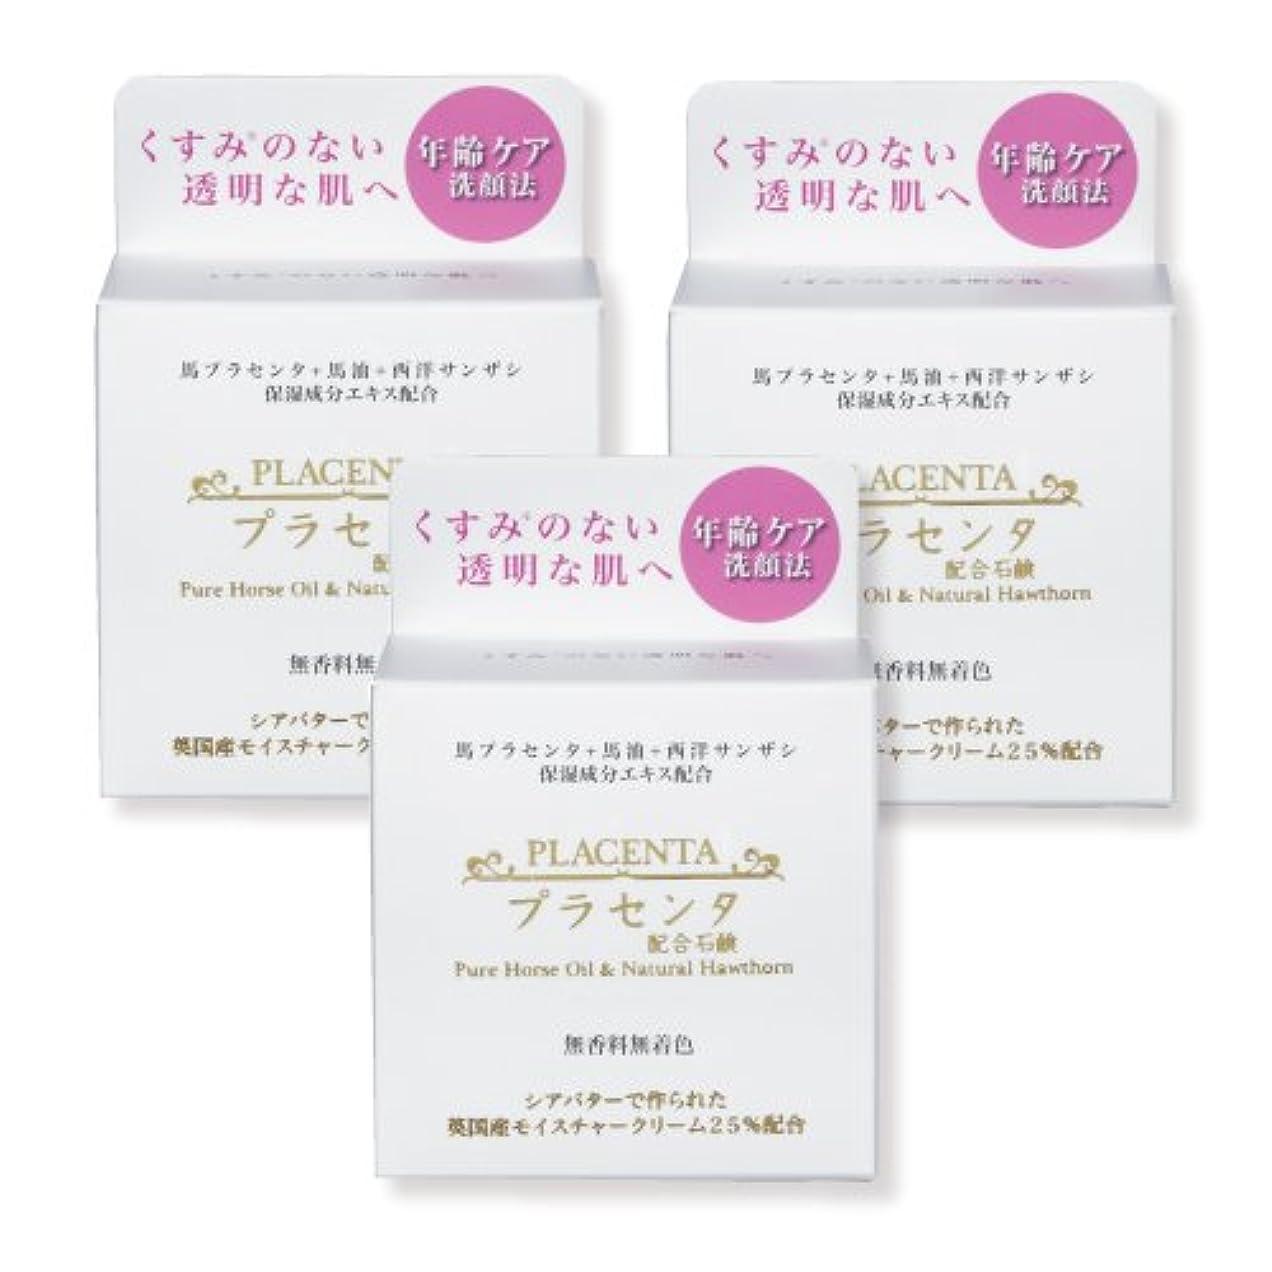 検出可能赤好ましい【3個セット割】プラセンタ+馬油+西洋サンザシ配合石鹸 抗糖化を目指した年齢ケア洗顔